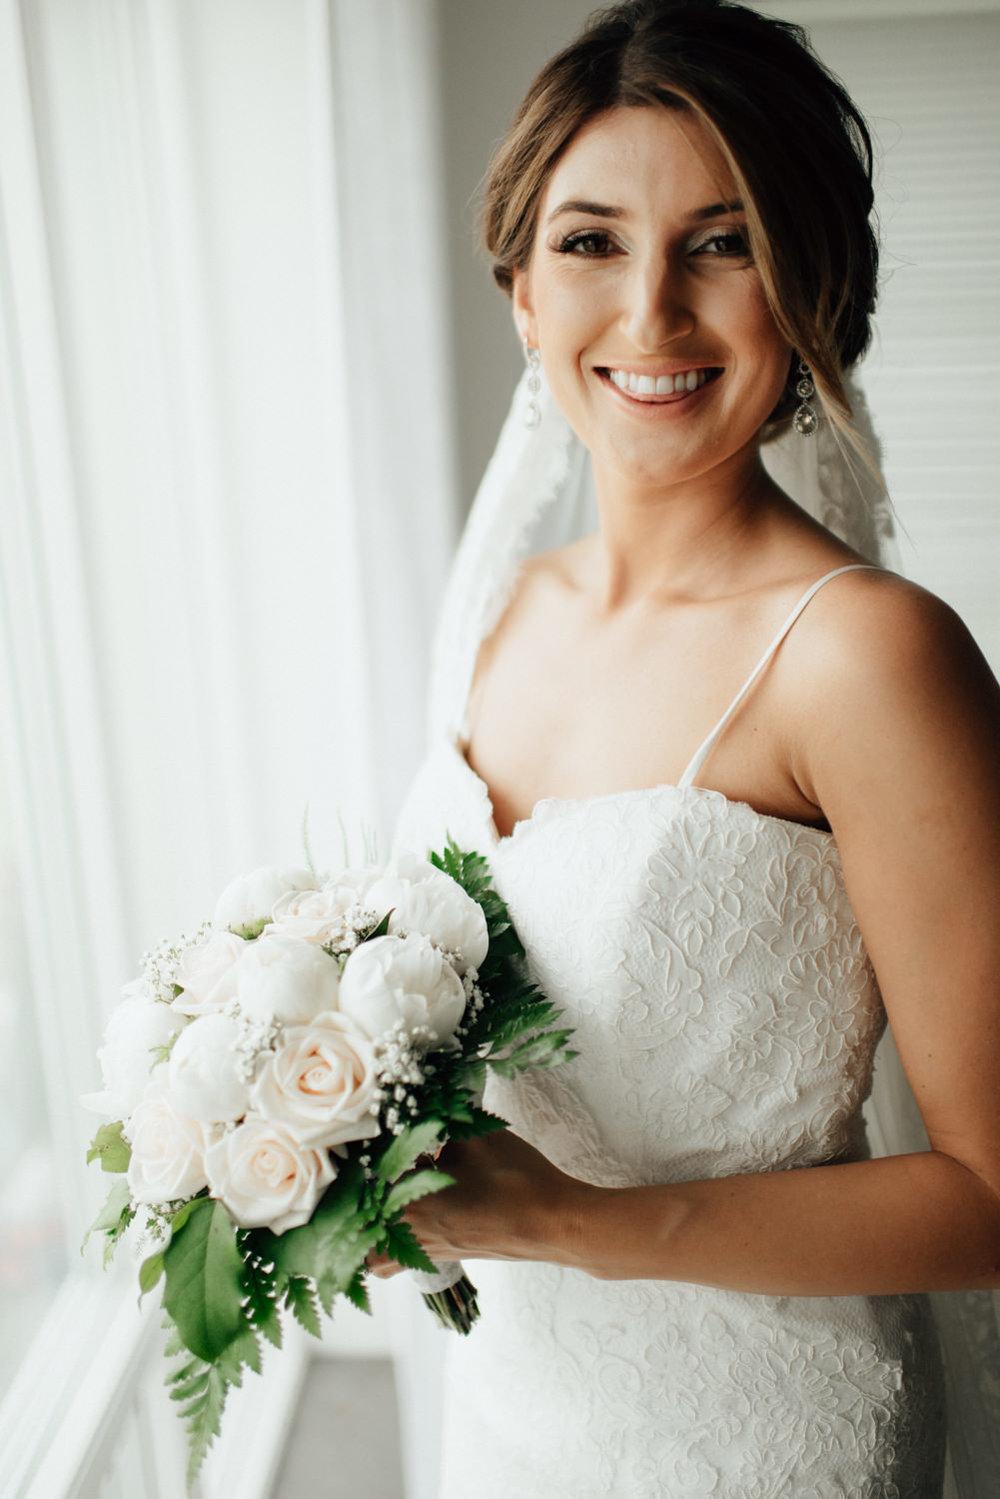 bröllopsfotograf-skåne-bröllop-på-af-borgen-i-lund-aase-pouline58.jpg